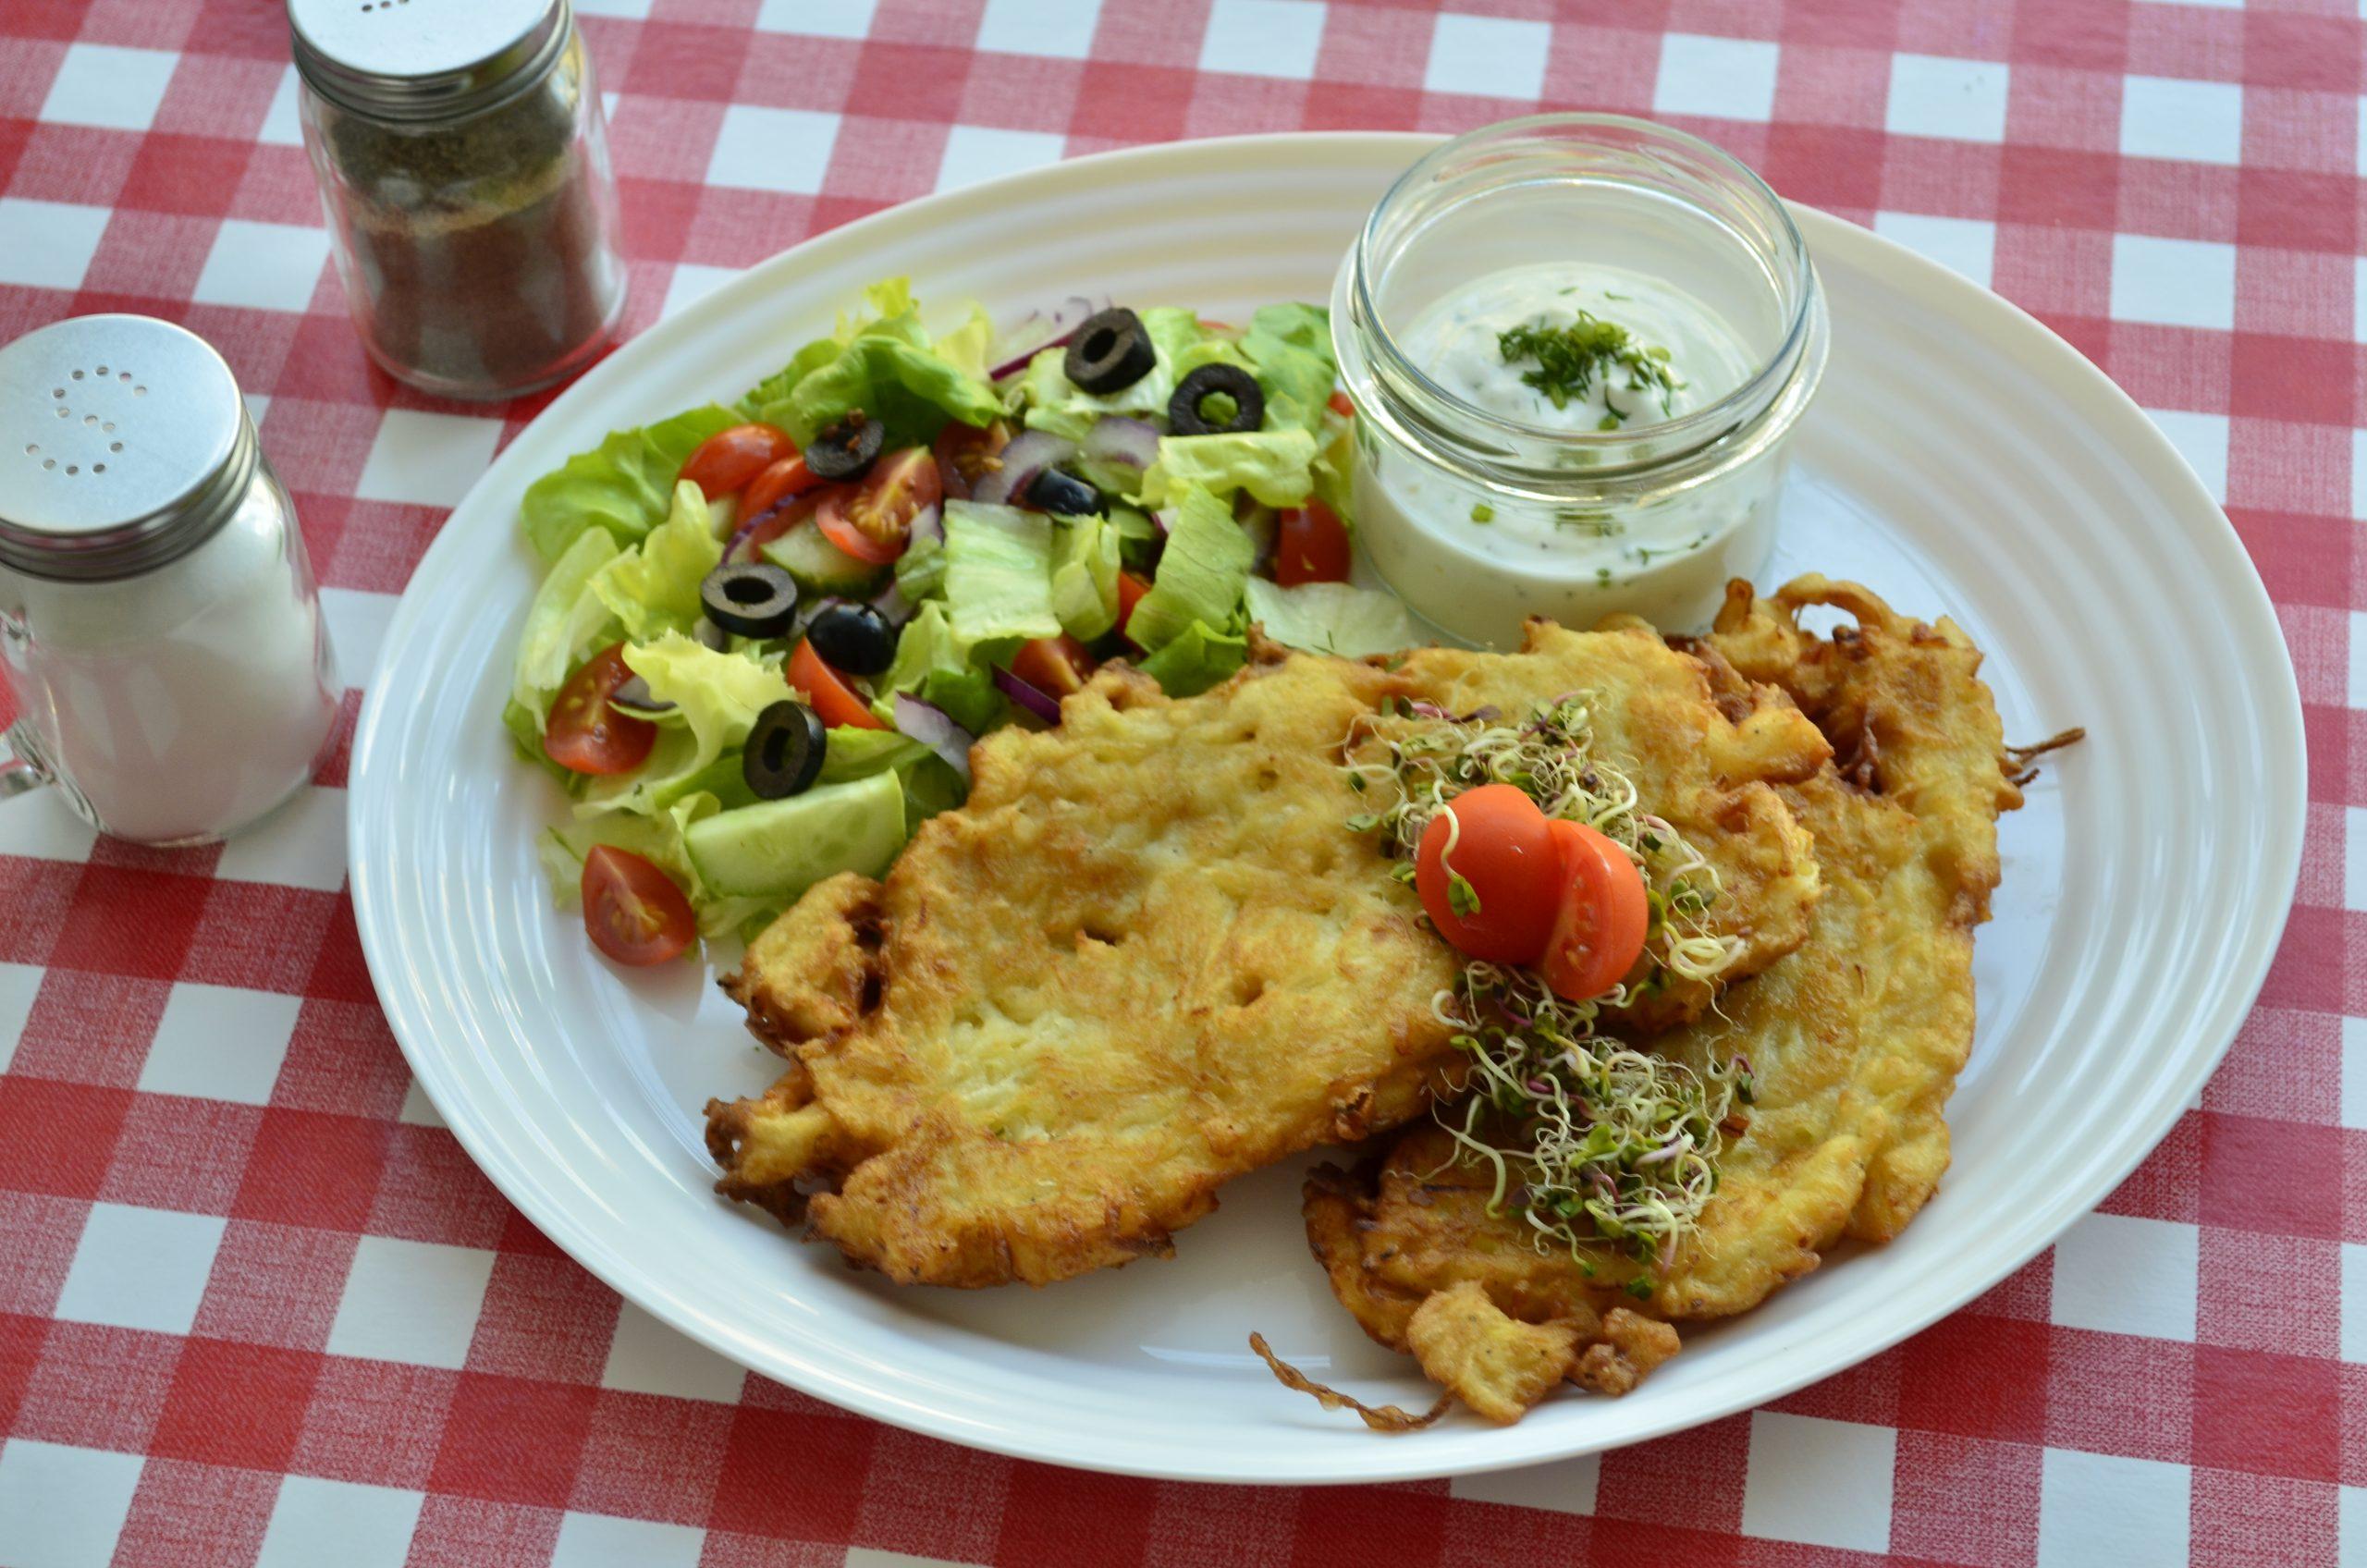 fruczki ze smietana w restauracji z tanimi i domowymi obiadami w Rzeszowie